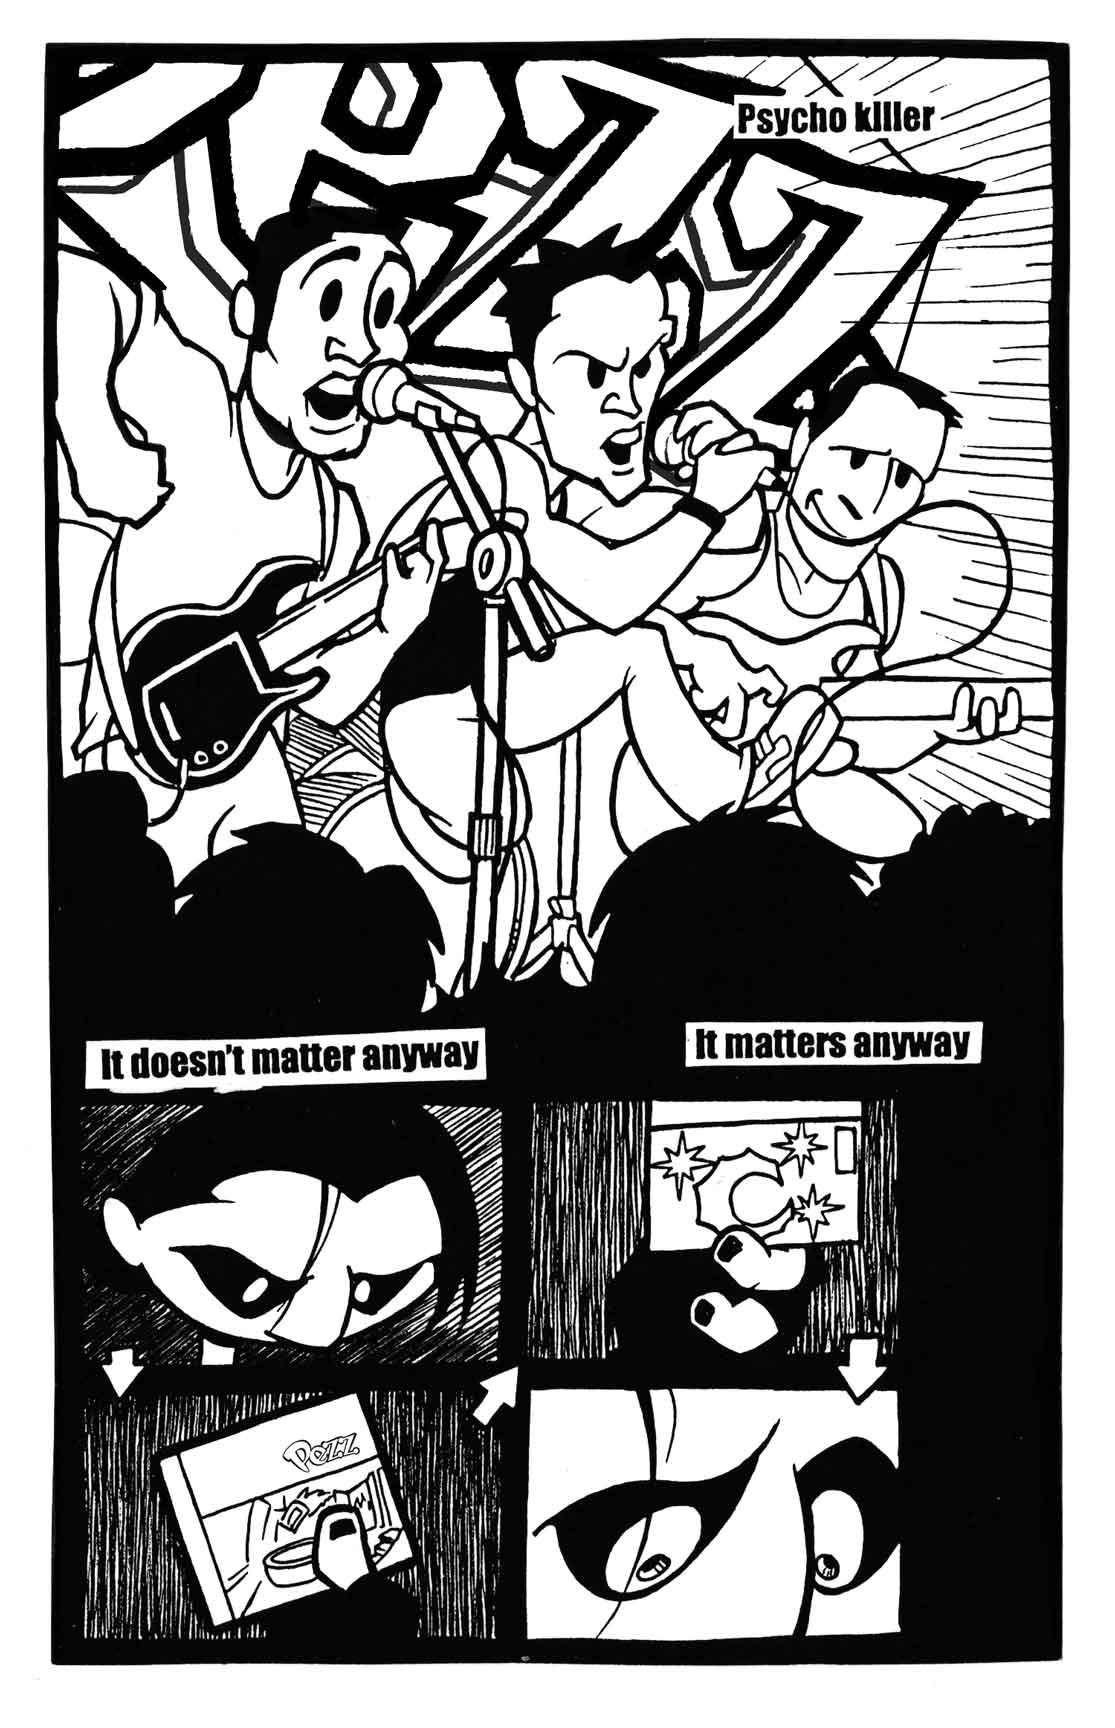 BT_pezz_comic-1001_1115x1728